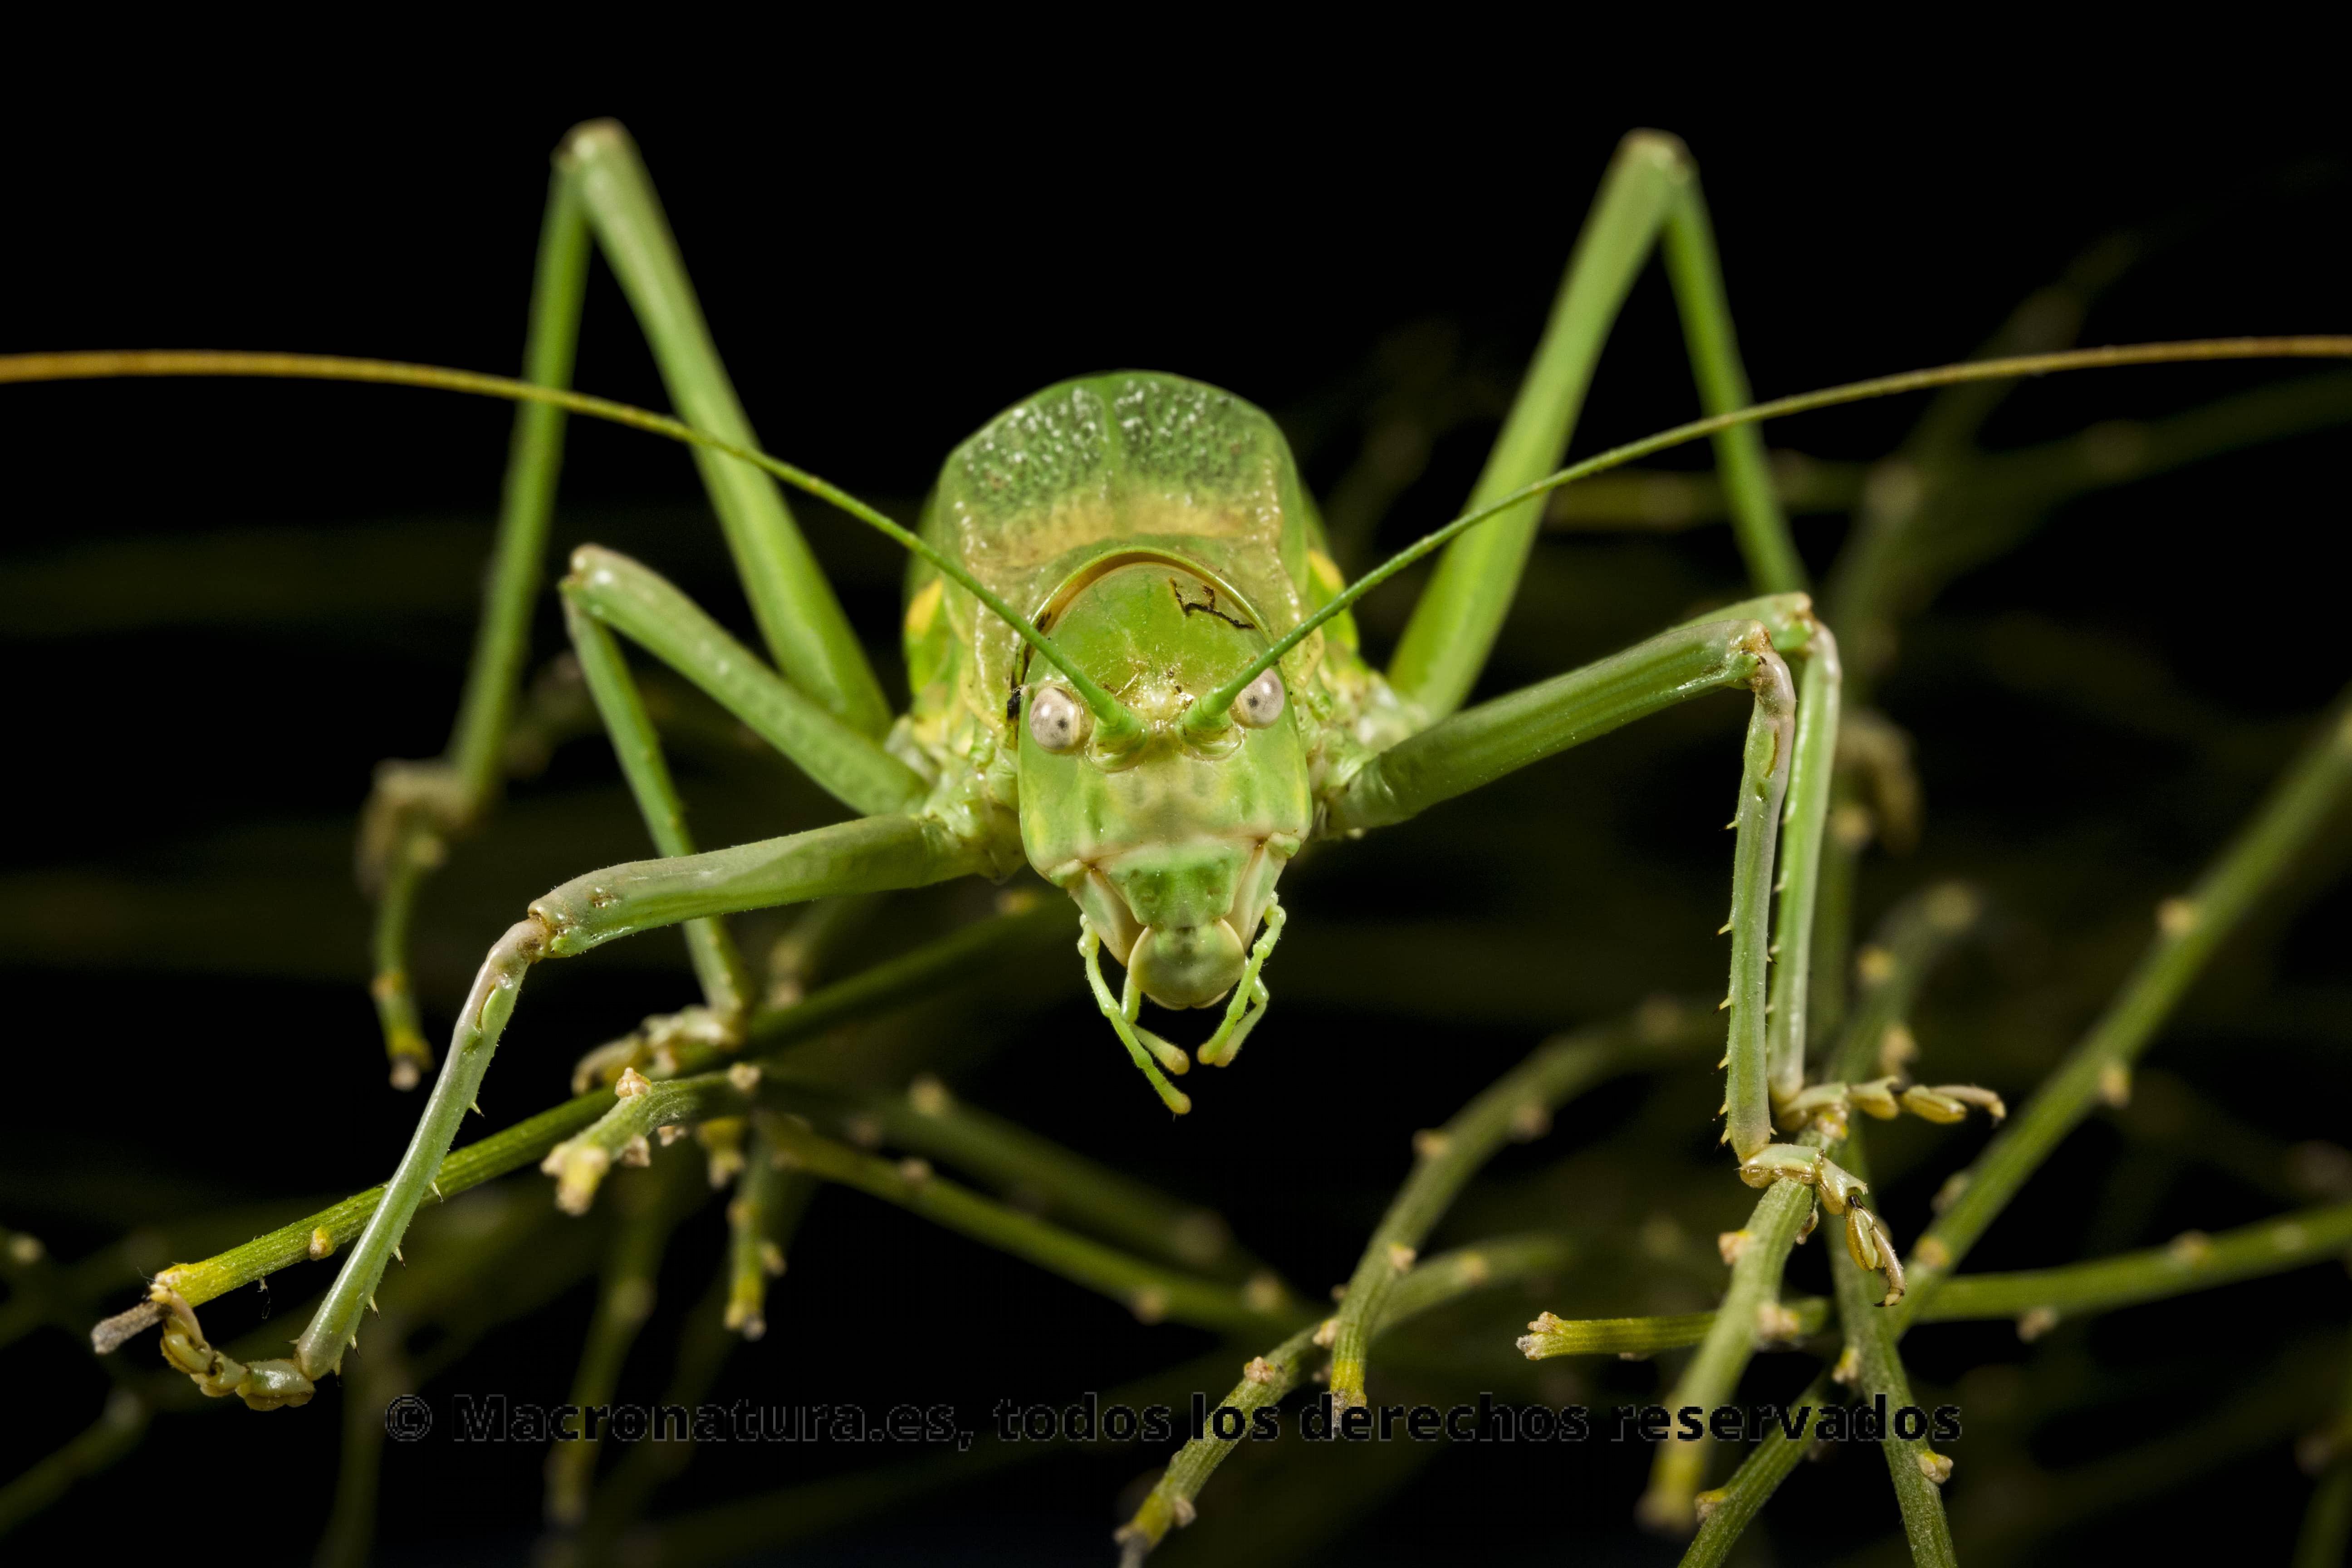 El insecto que muestra la imagen es una chicharra alicorta. Se posicione mirando a la camara con las patas y antenas extendidas. Además se posa sobre una vegetación con púas muy parecida a sus patas. El fondo es negro.